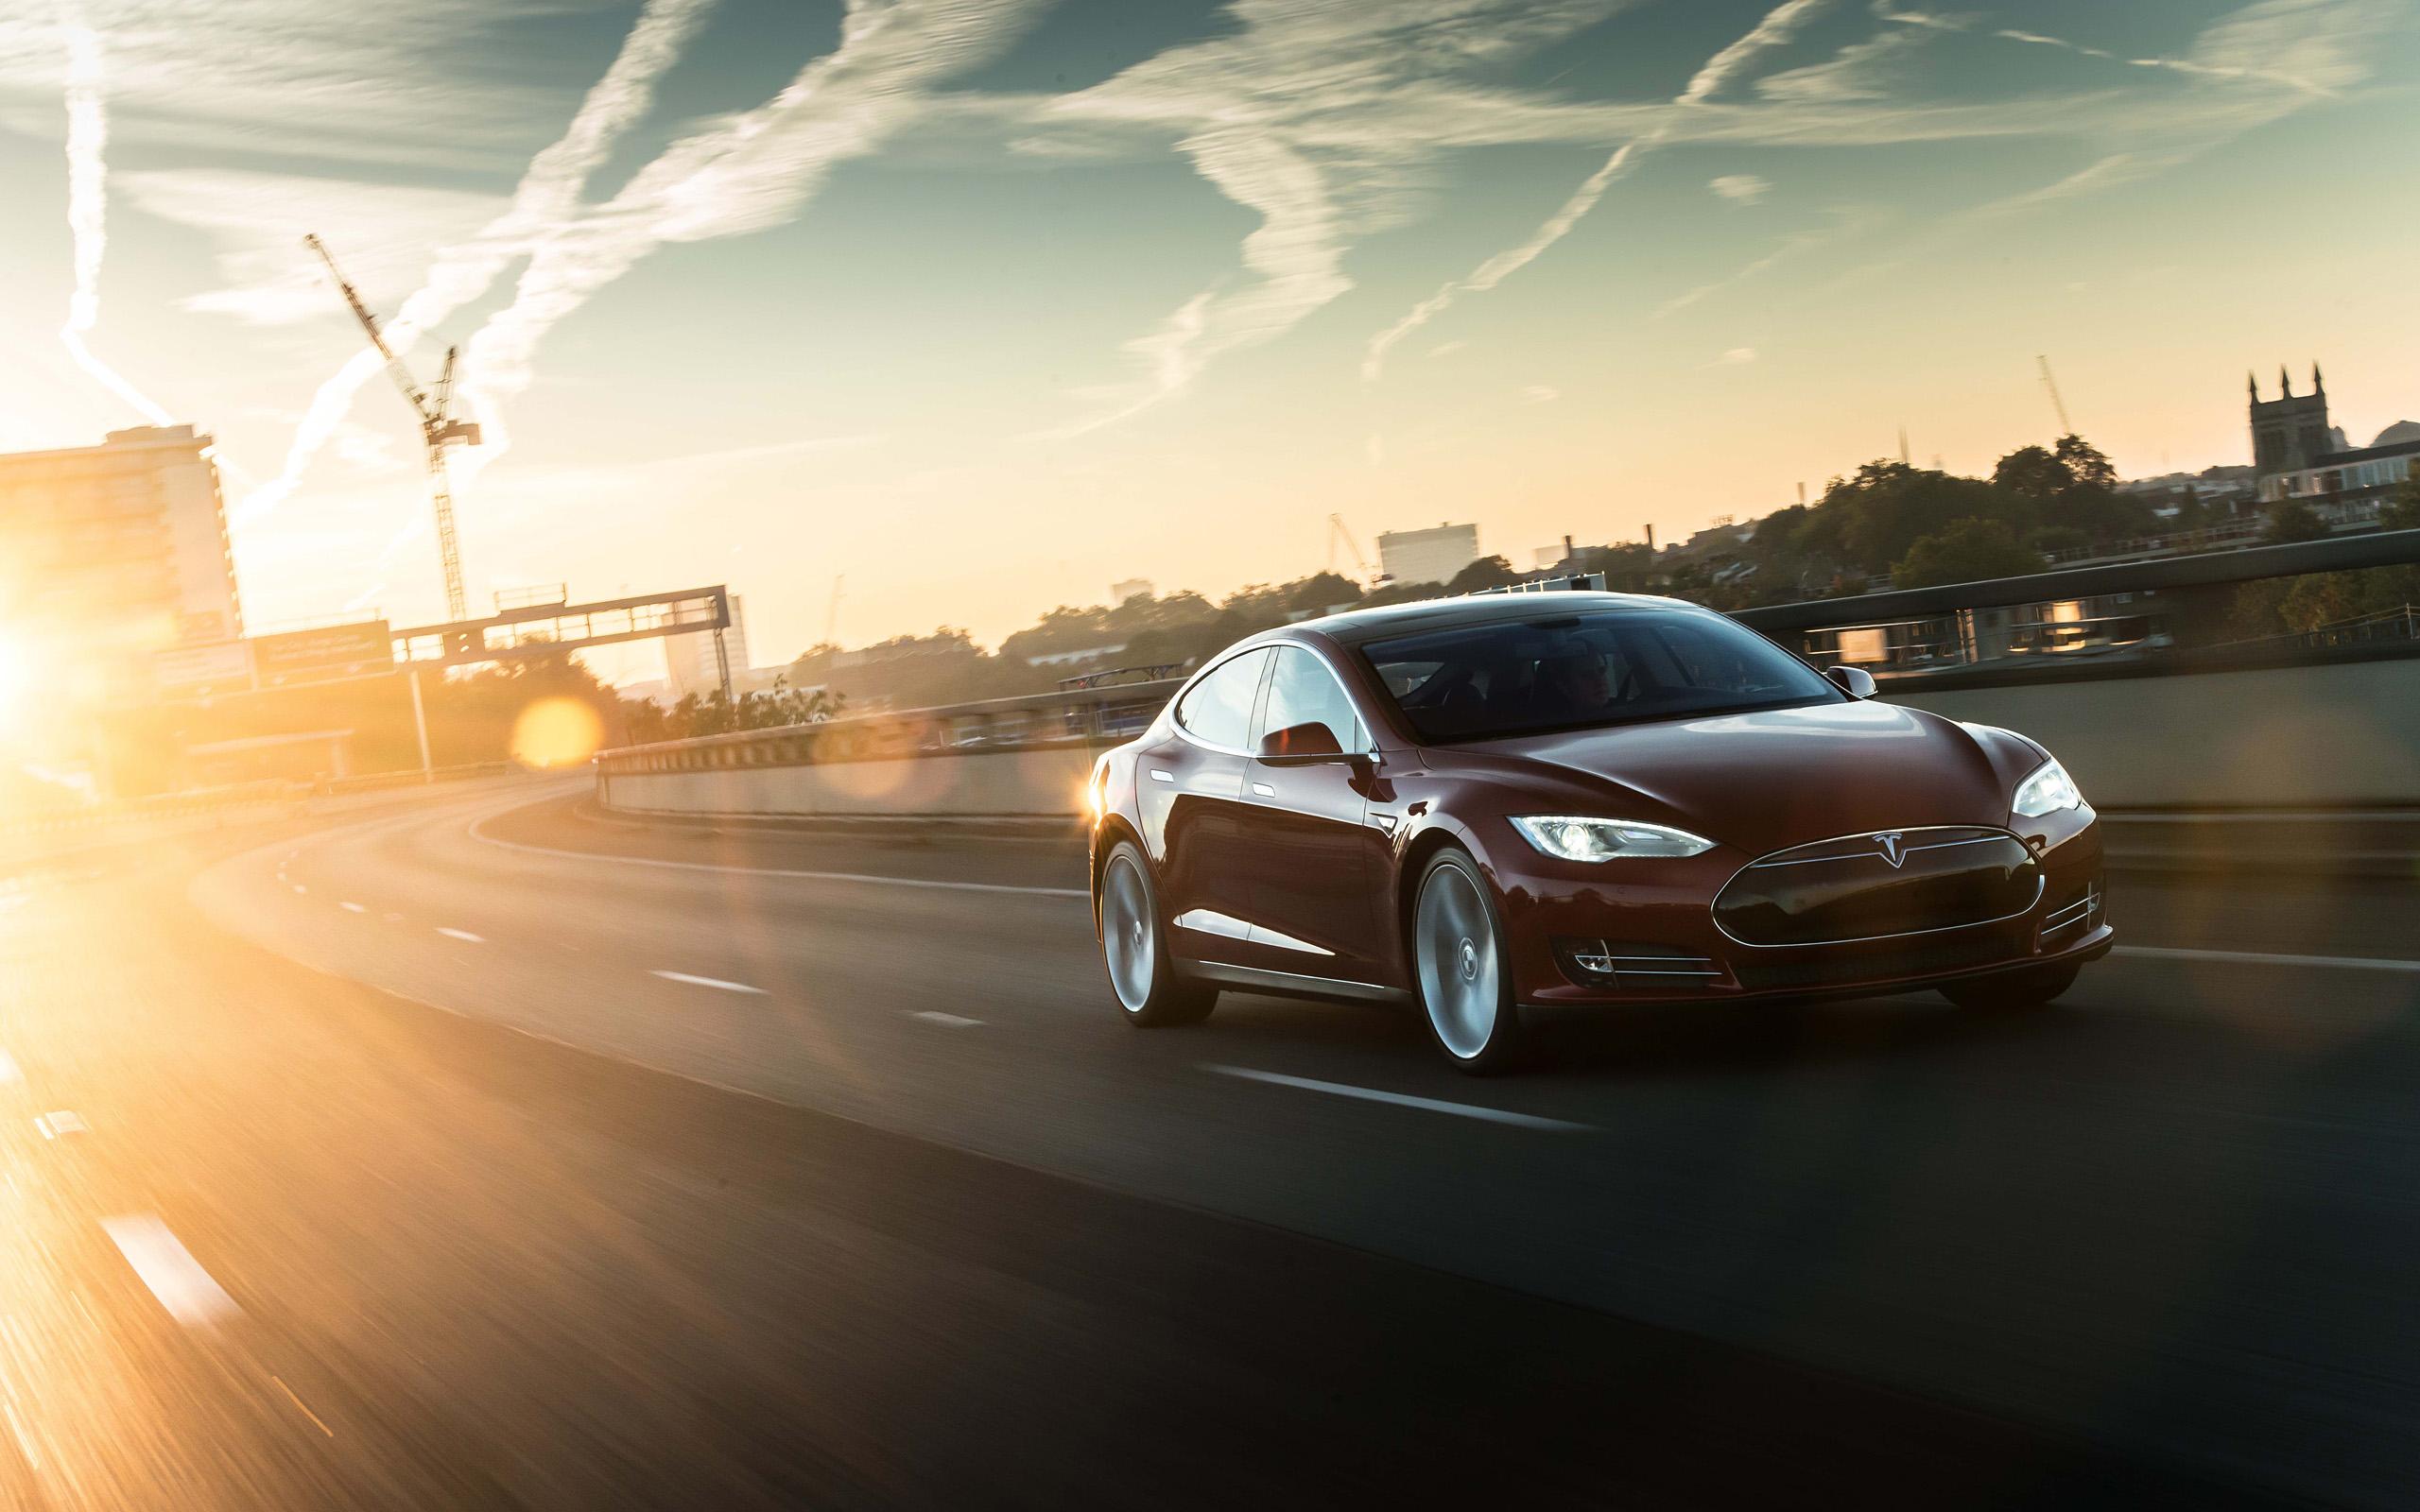 Украина ставит новые рекорды:  в апреле в столице стартует самый массовый в истории пробег электромобилей!